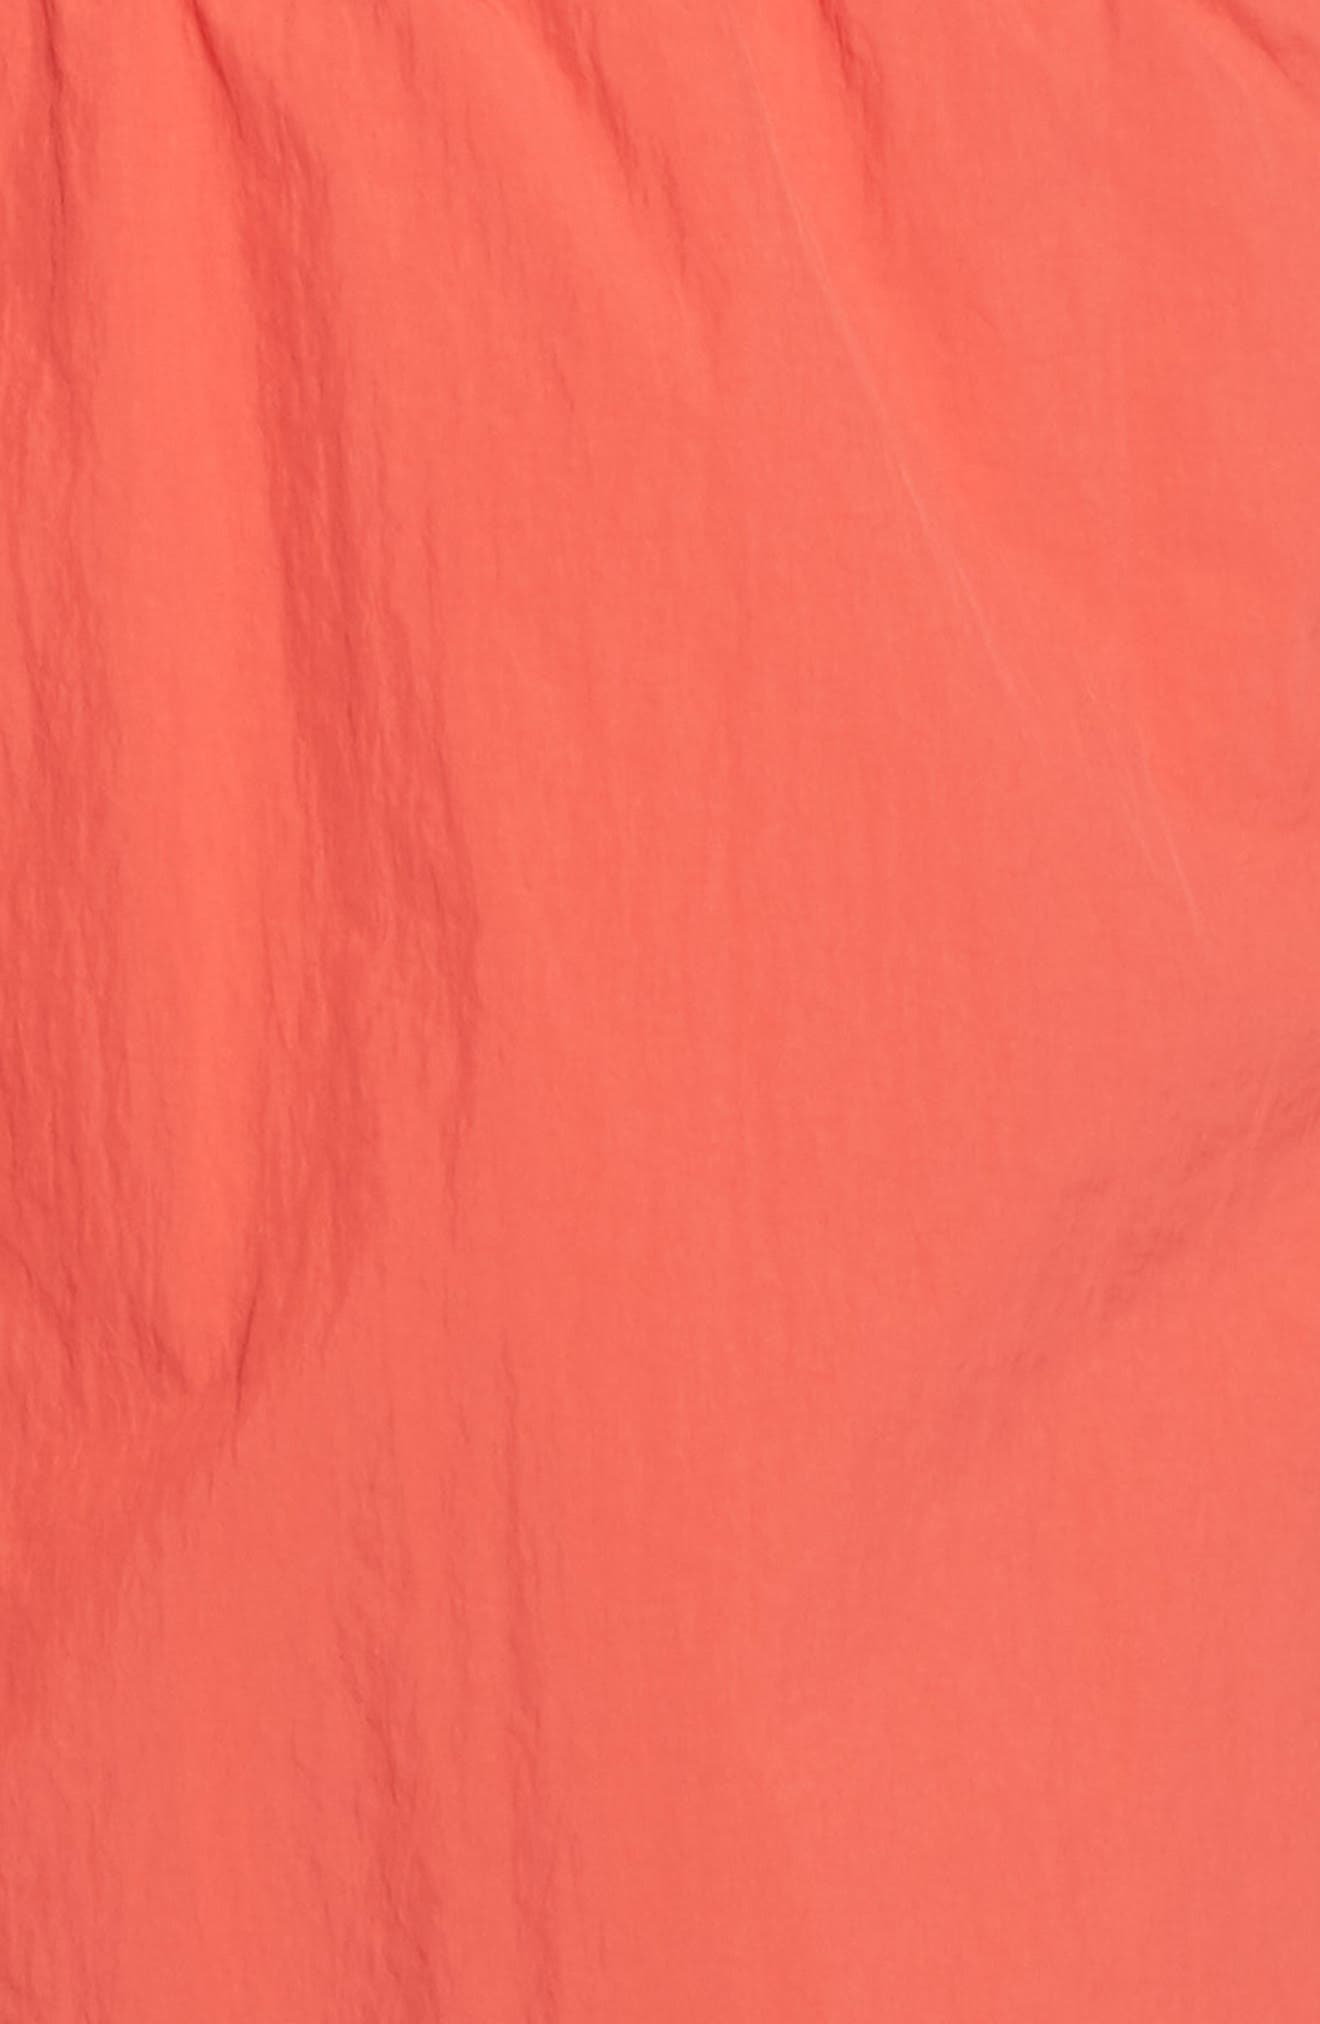 Fuji Shorts,                             Alternate thumbnail 6, color,                             Coral